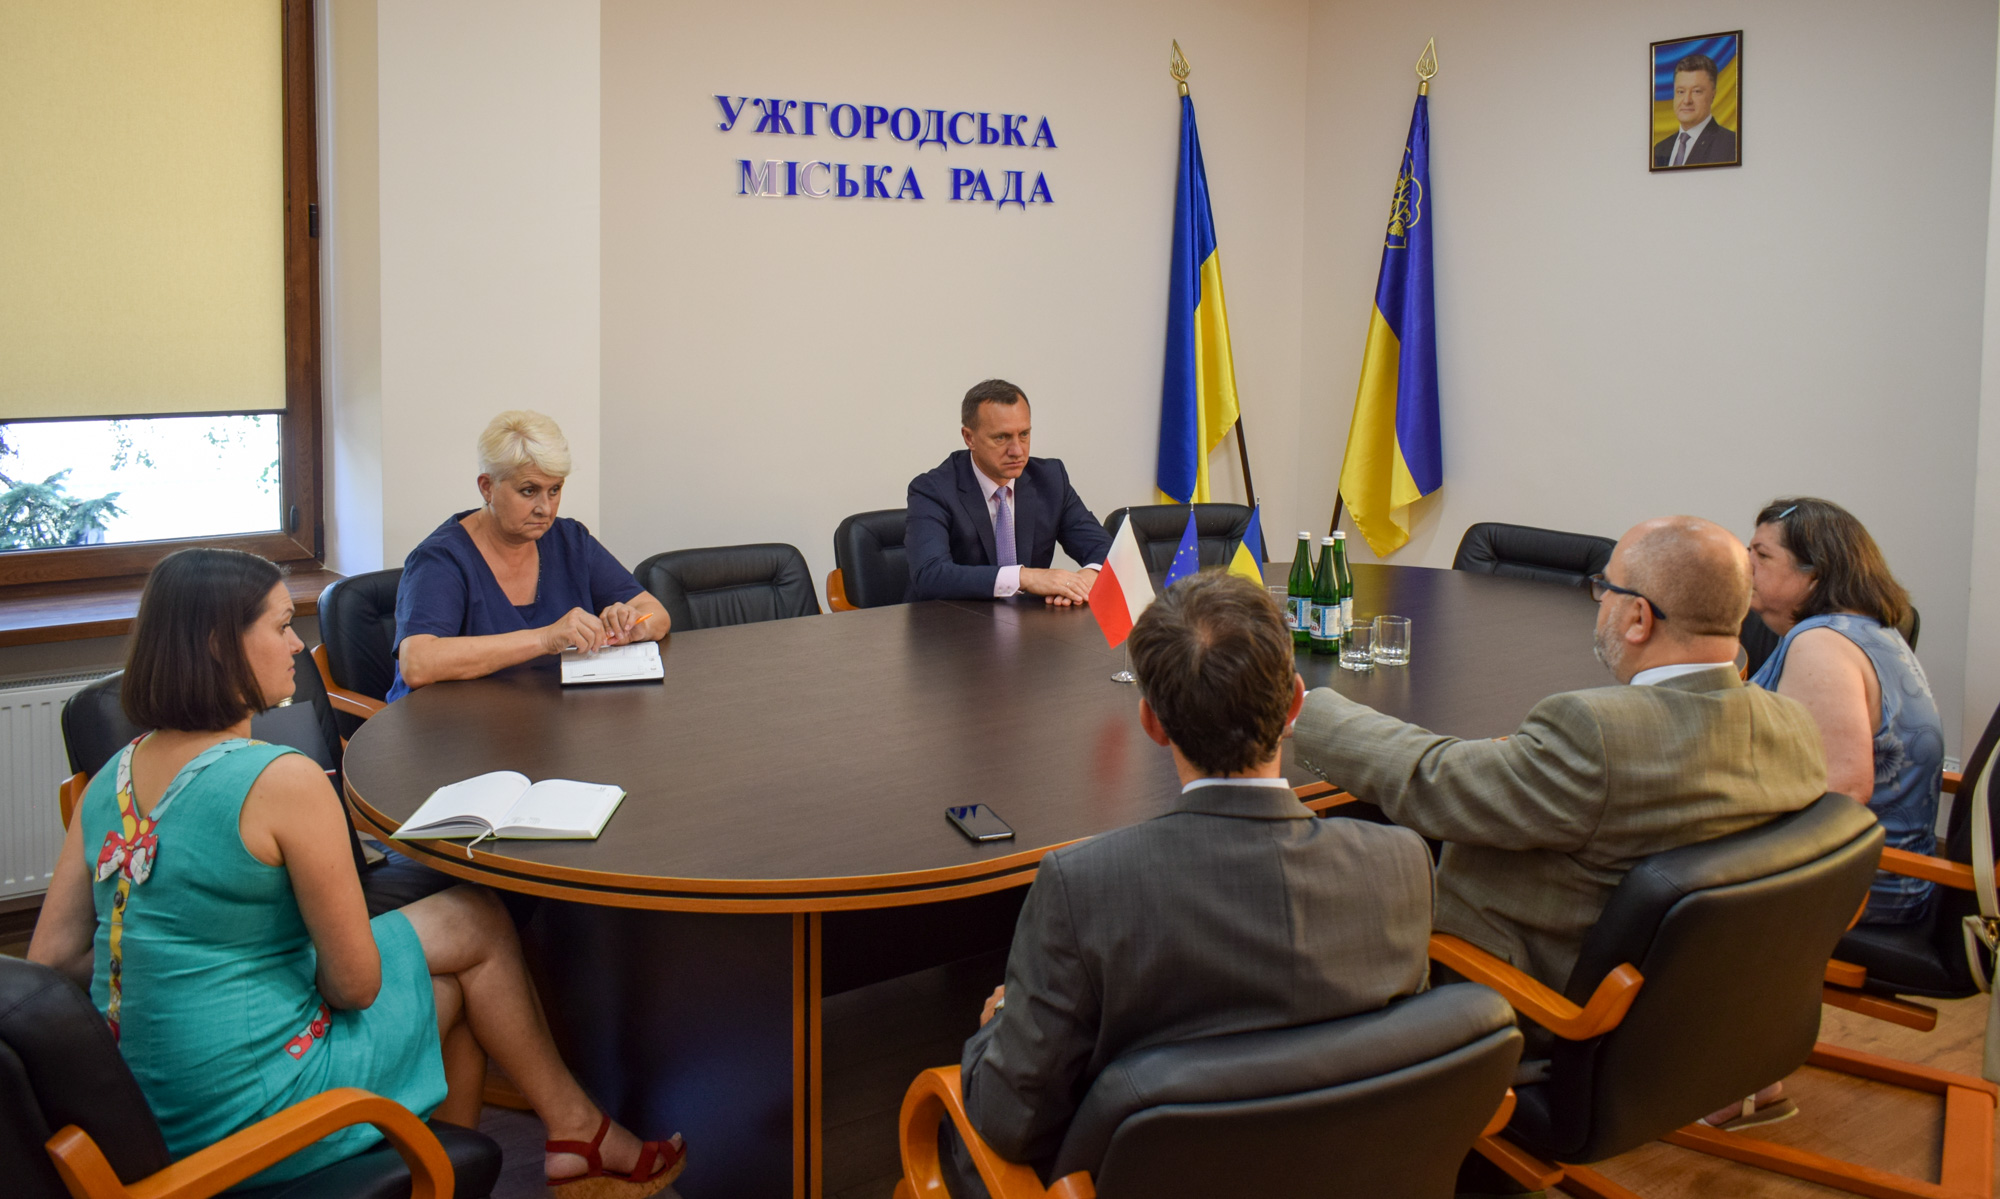 Мер Ужгорода зустрівся з Генеральним консулом Республіки Польща у Львові